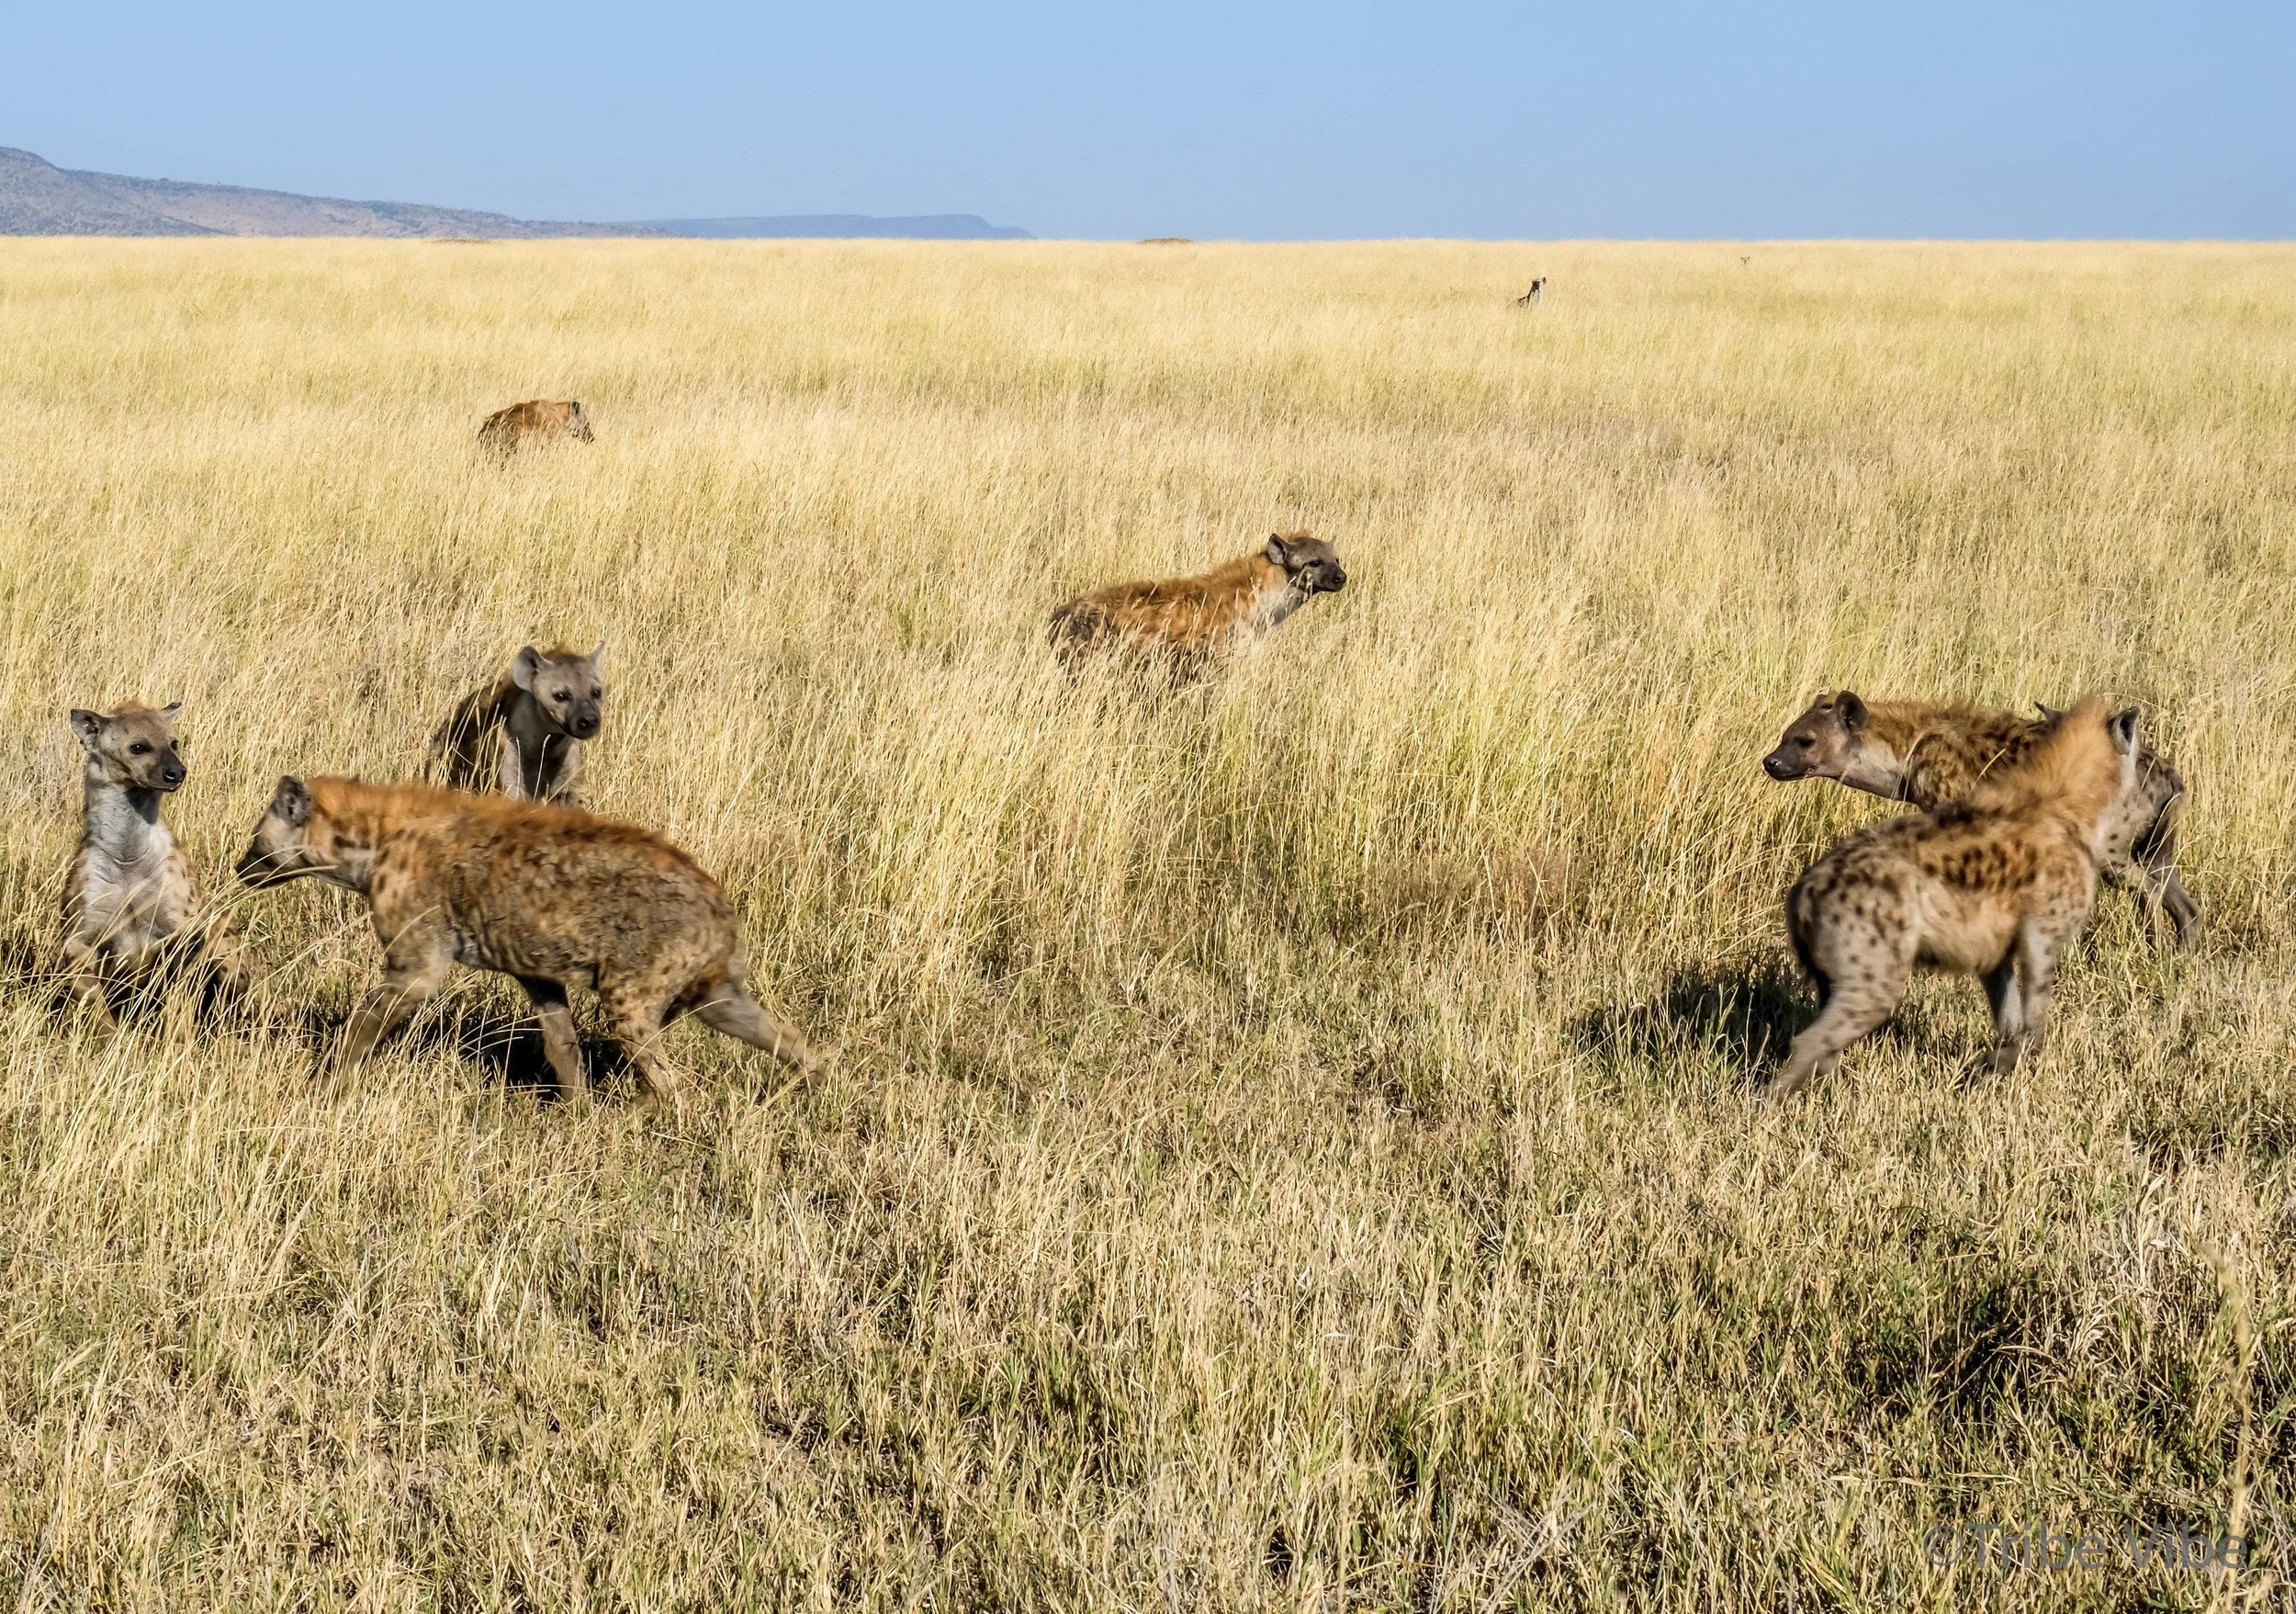 hyena-15.jpg